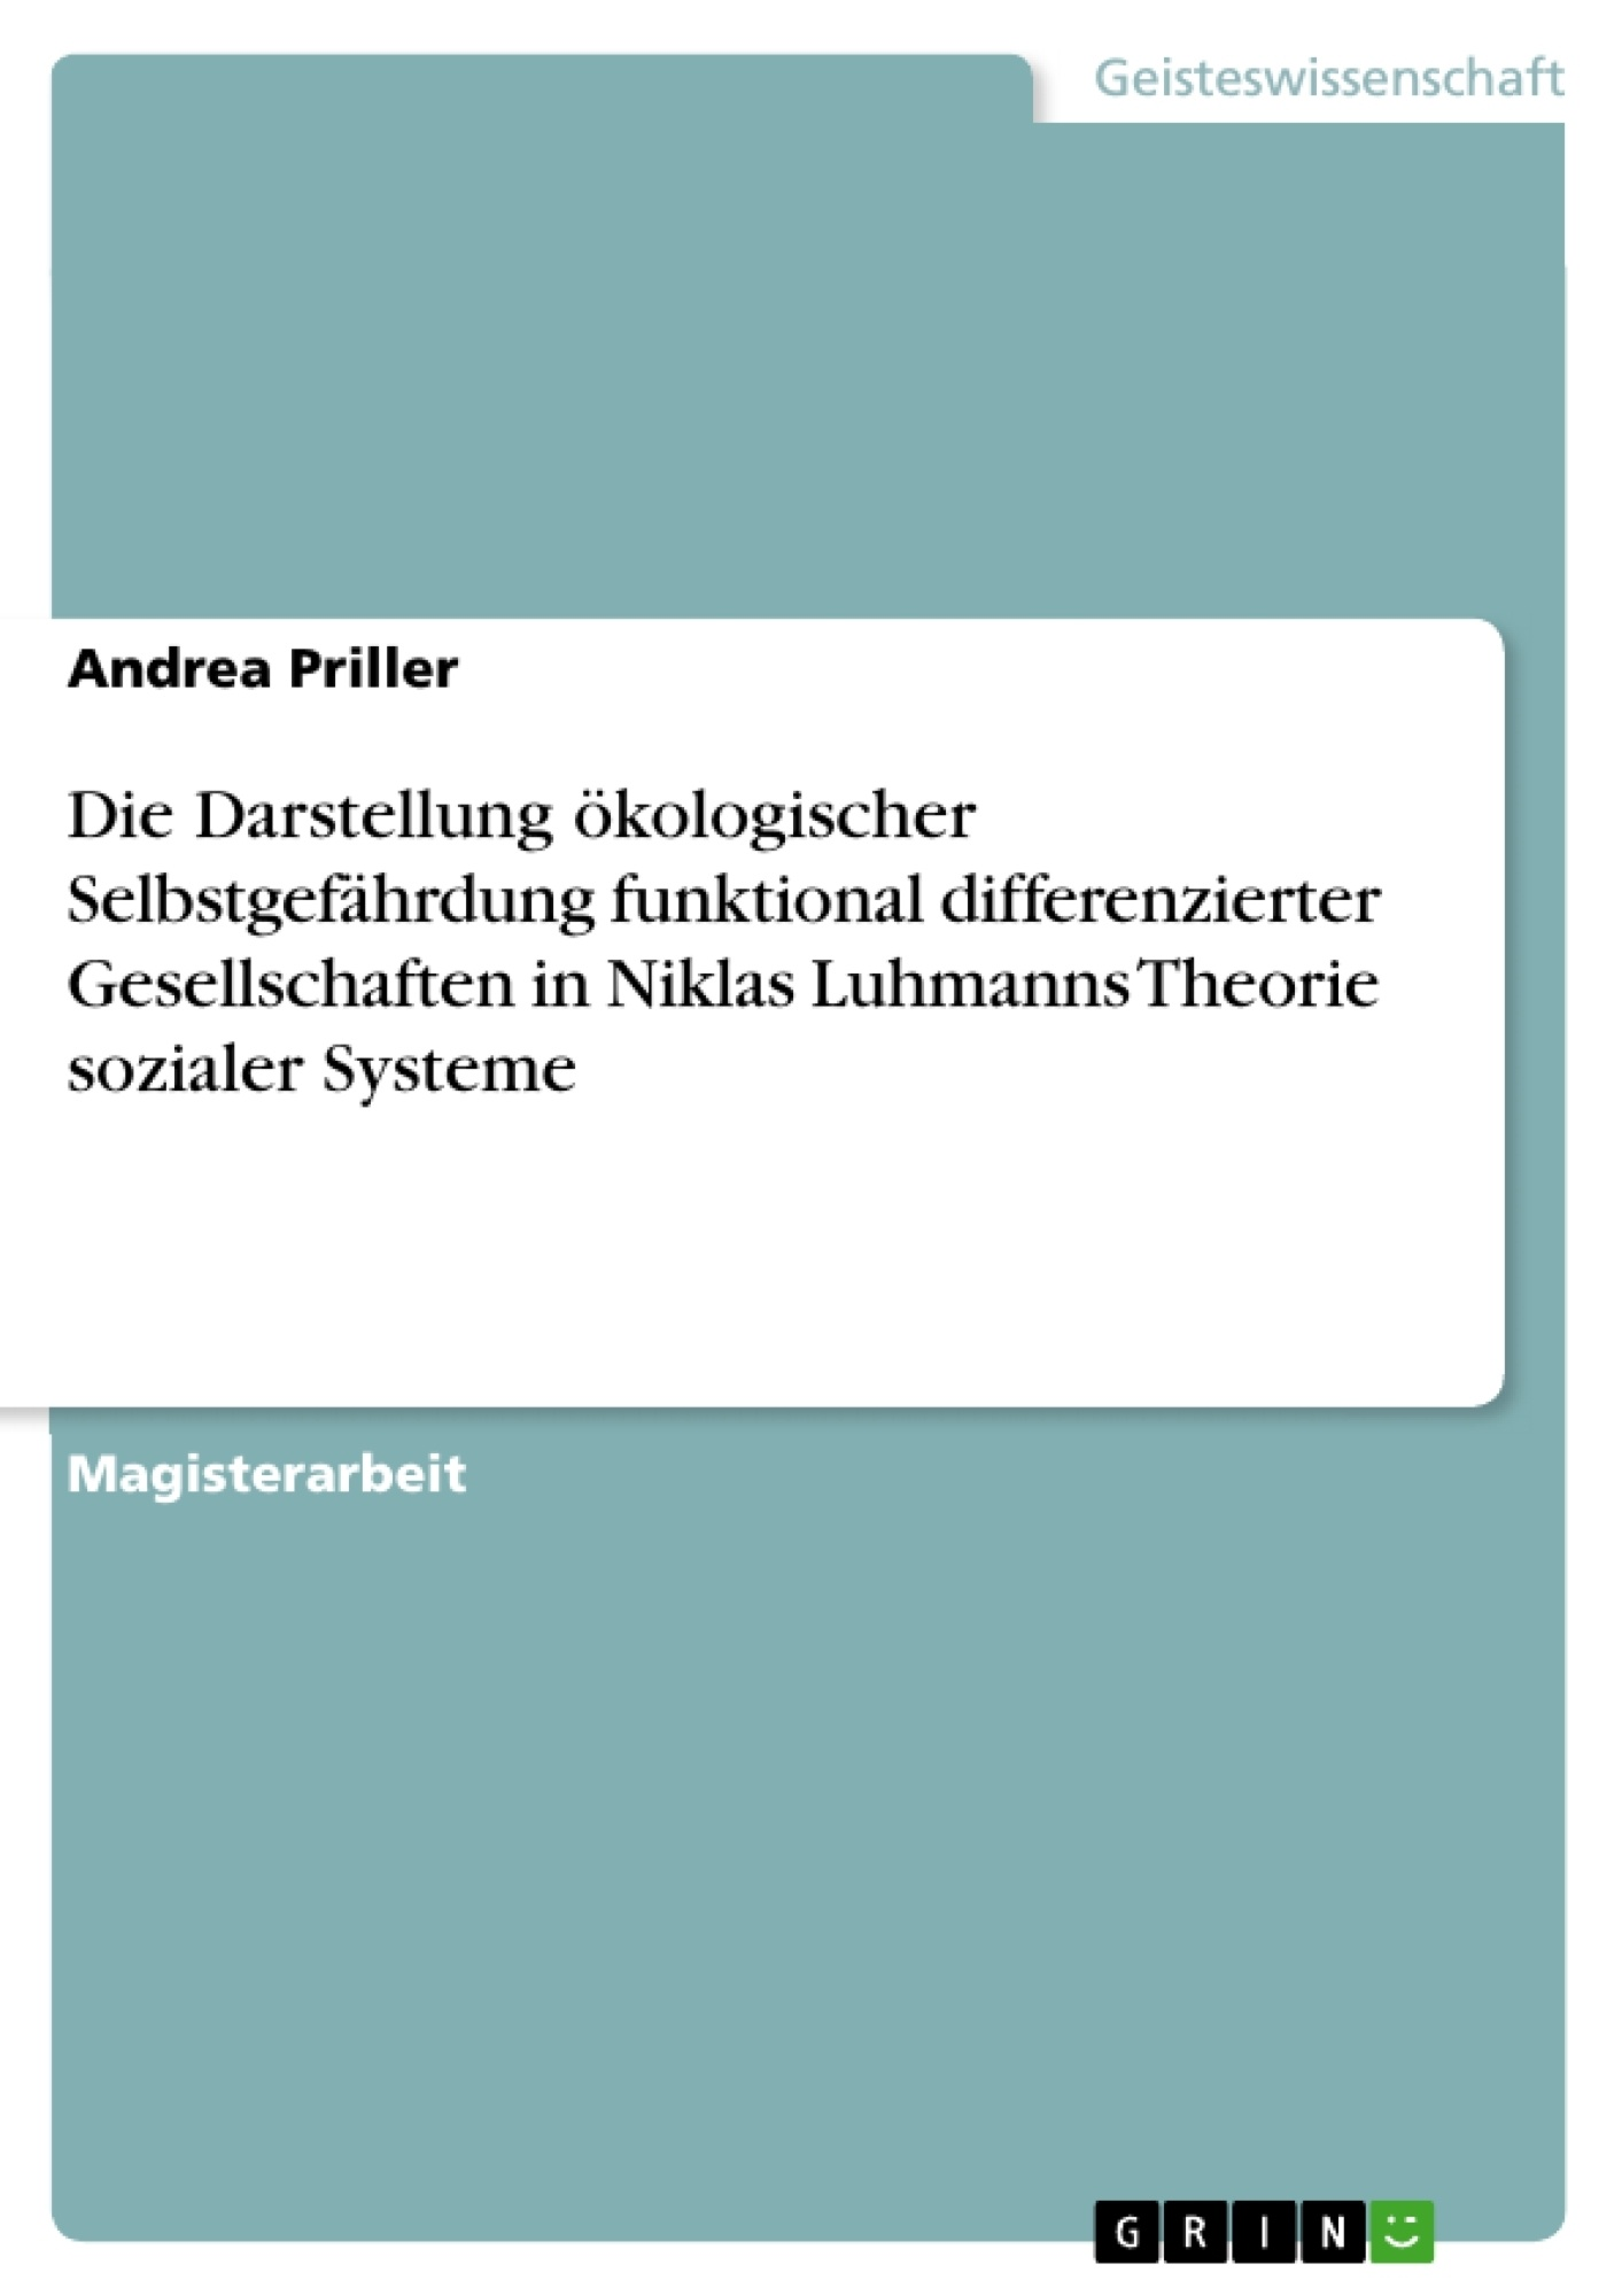 Titel: Die Darstellung ökologischer Selbstgefährdung funktional differenzierter Gesellschaften in Niklas Luhmanns Theorie sozialer Systeme